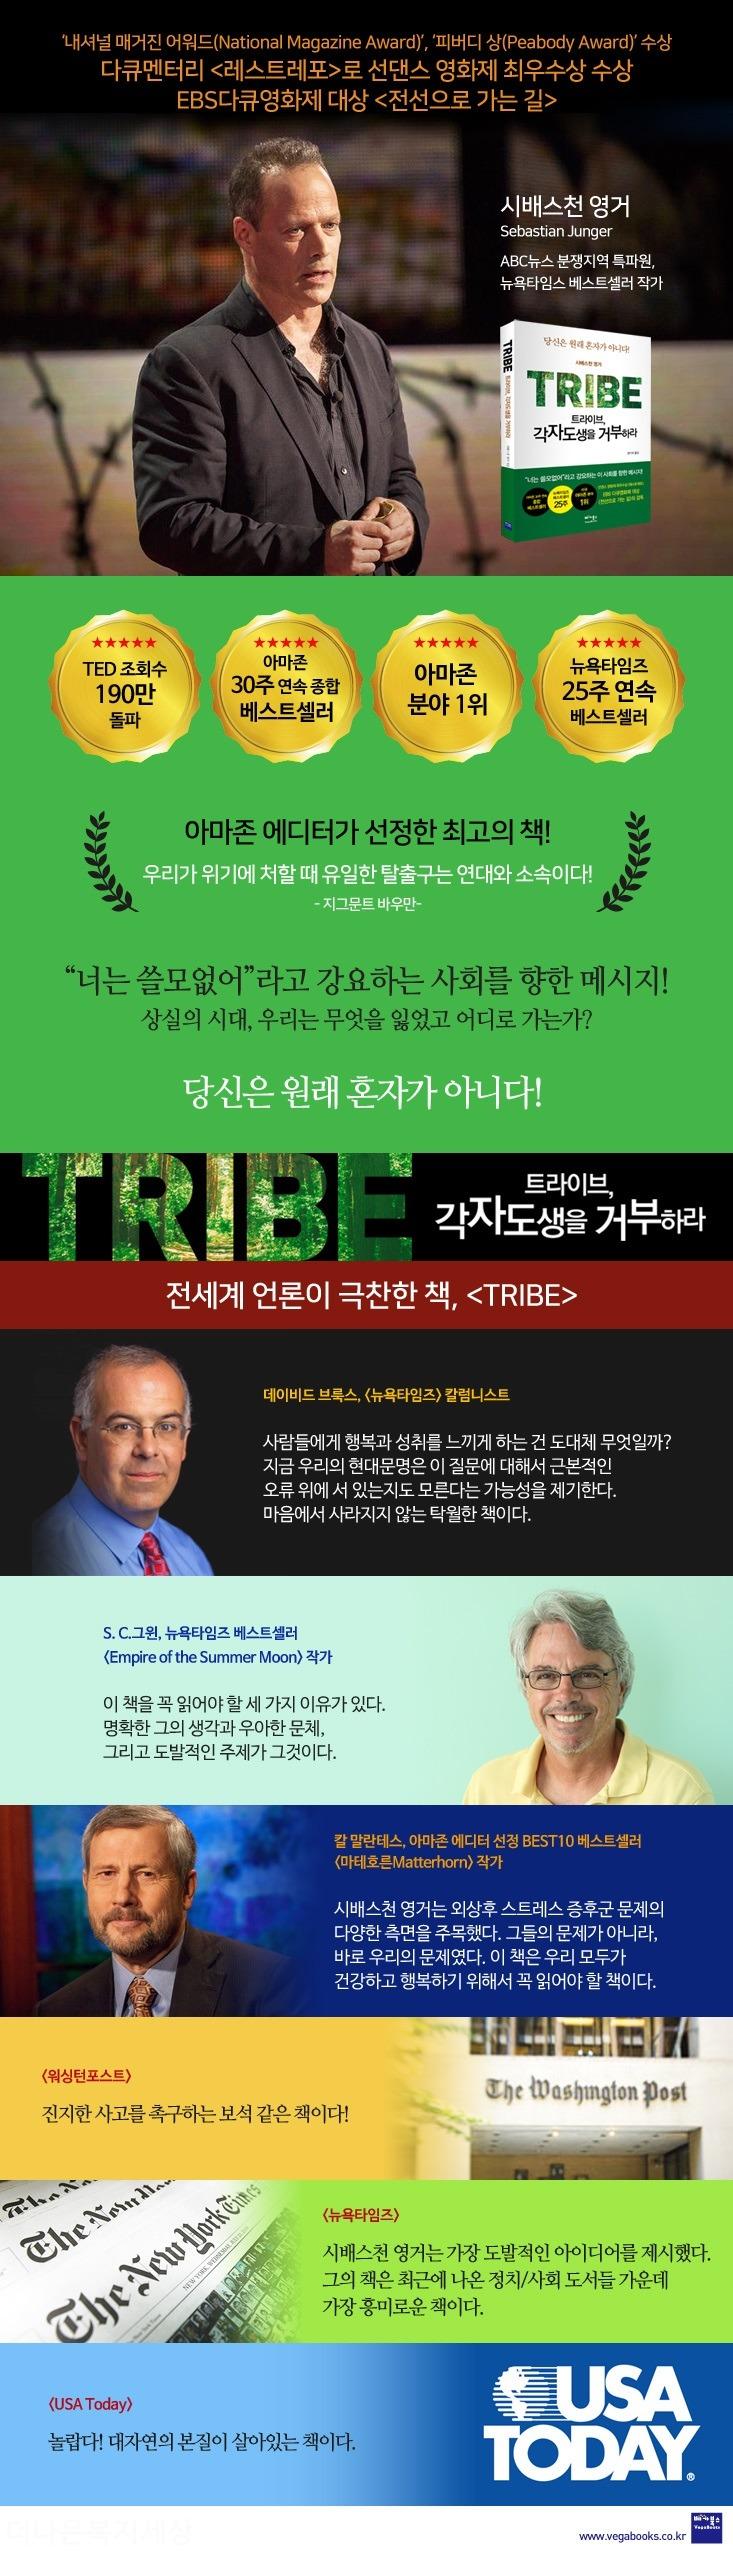 상세이미지_Tribe 트라이브, 각자도생을 거부하라